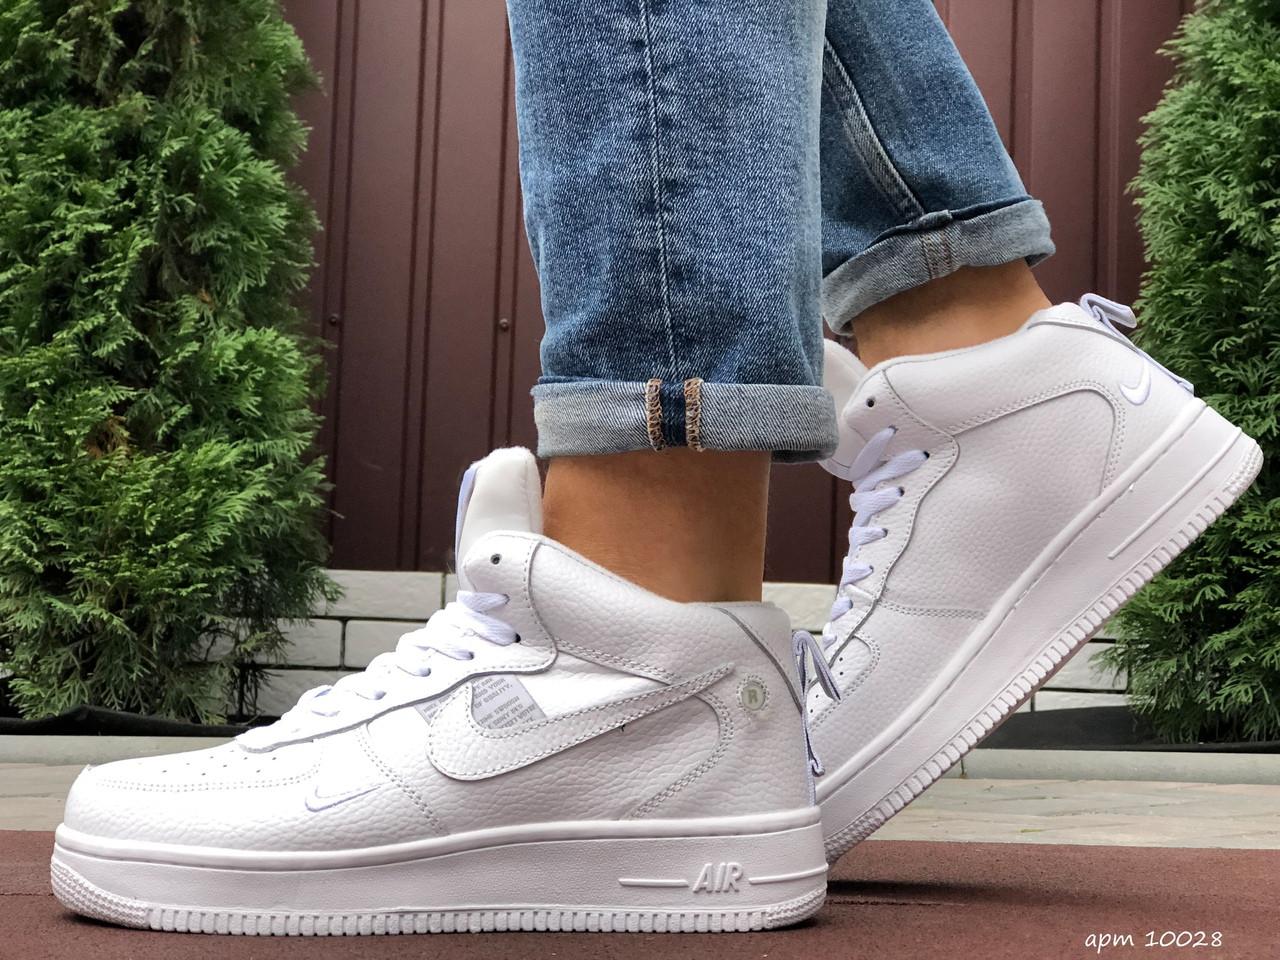 Мужские кроссовки Nike Air Force высокие с мехом белые / зимние найк аир форс (Топ реплика ААА+)